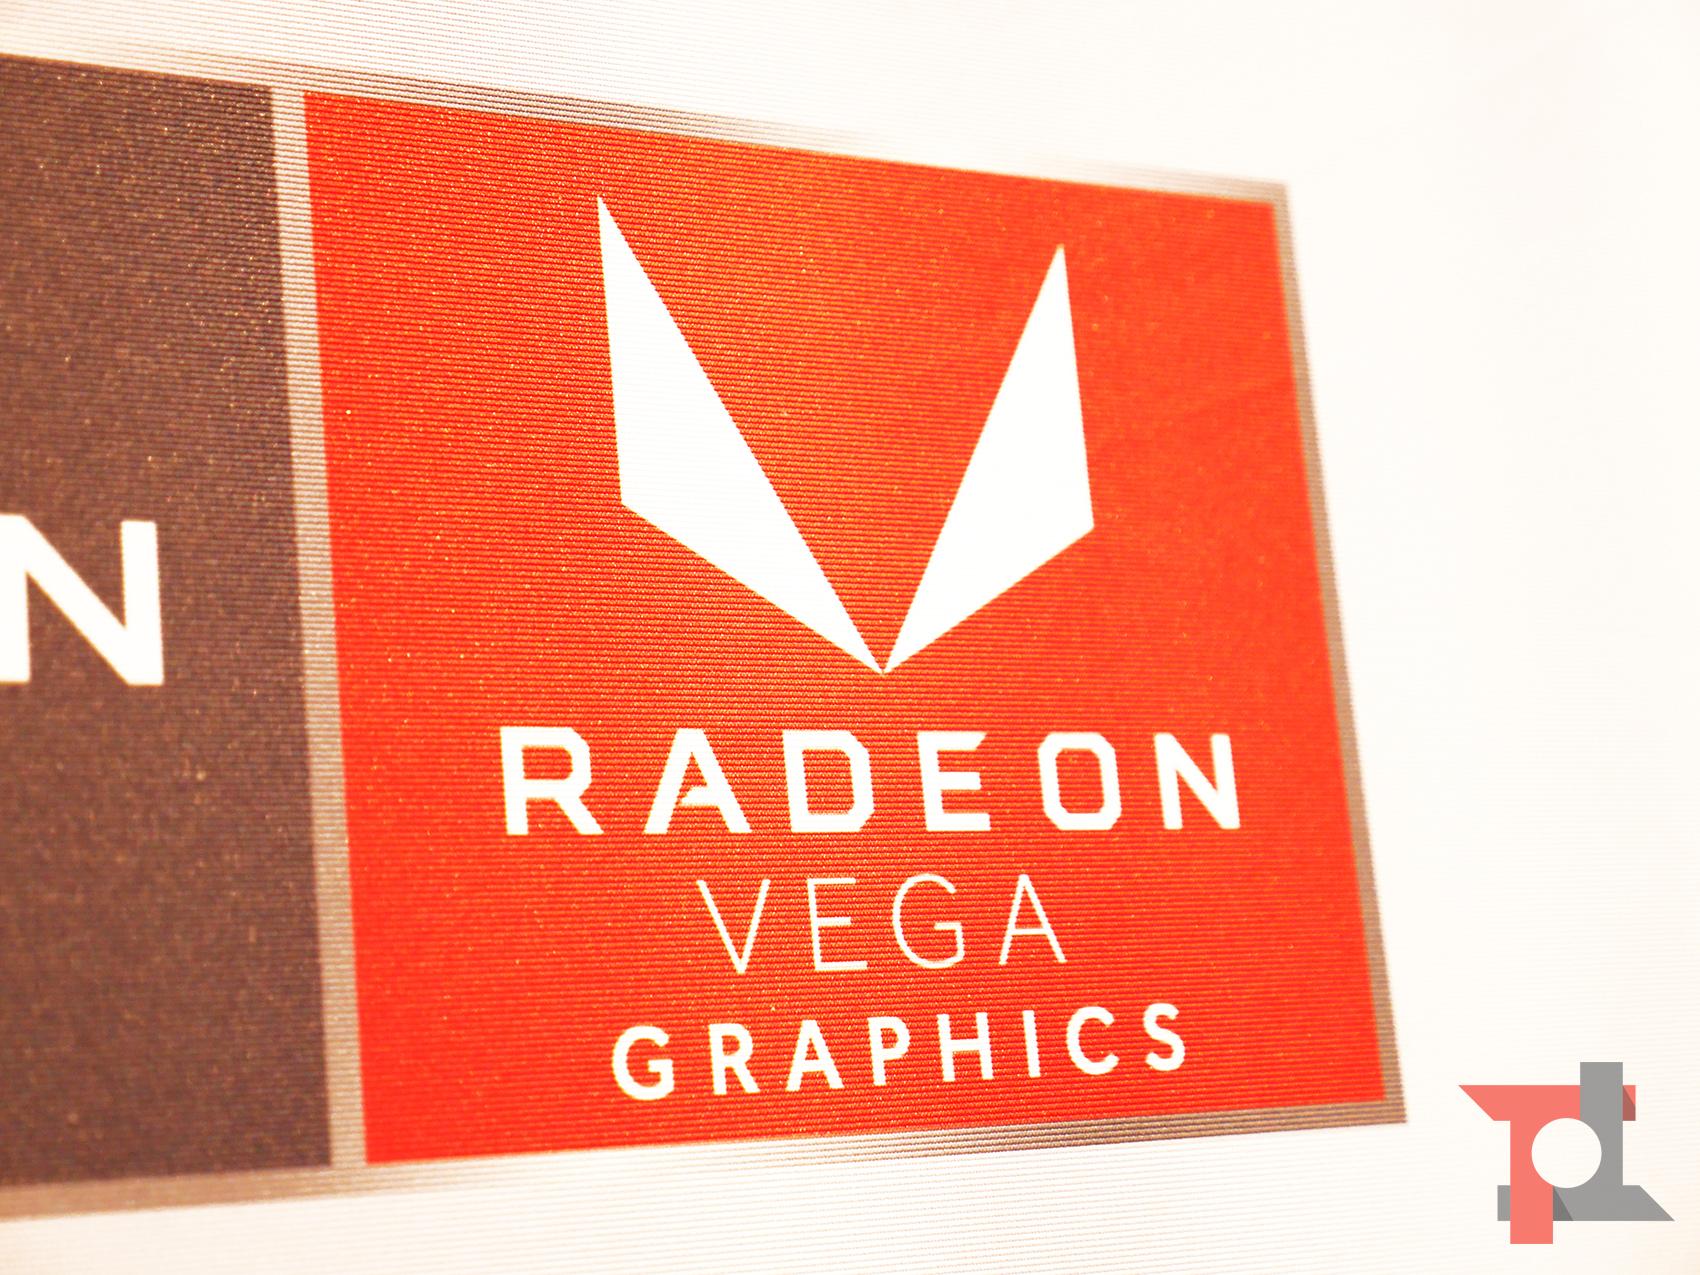 Il codice di macOS Mojave rivela nuove GPU AMD finora sconosciute 1